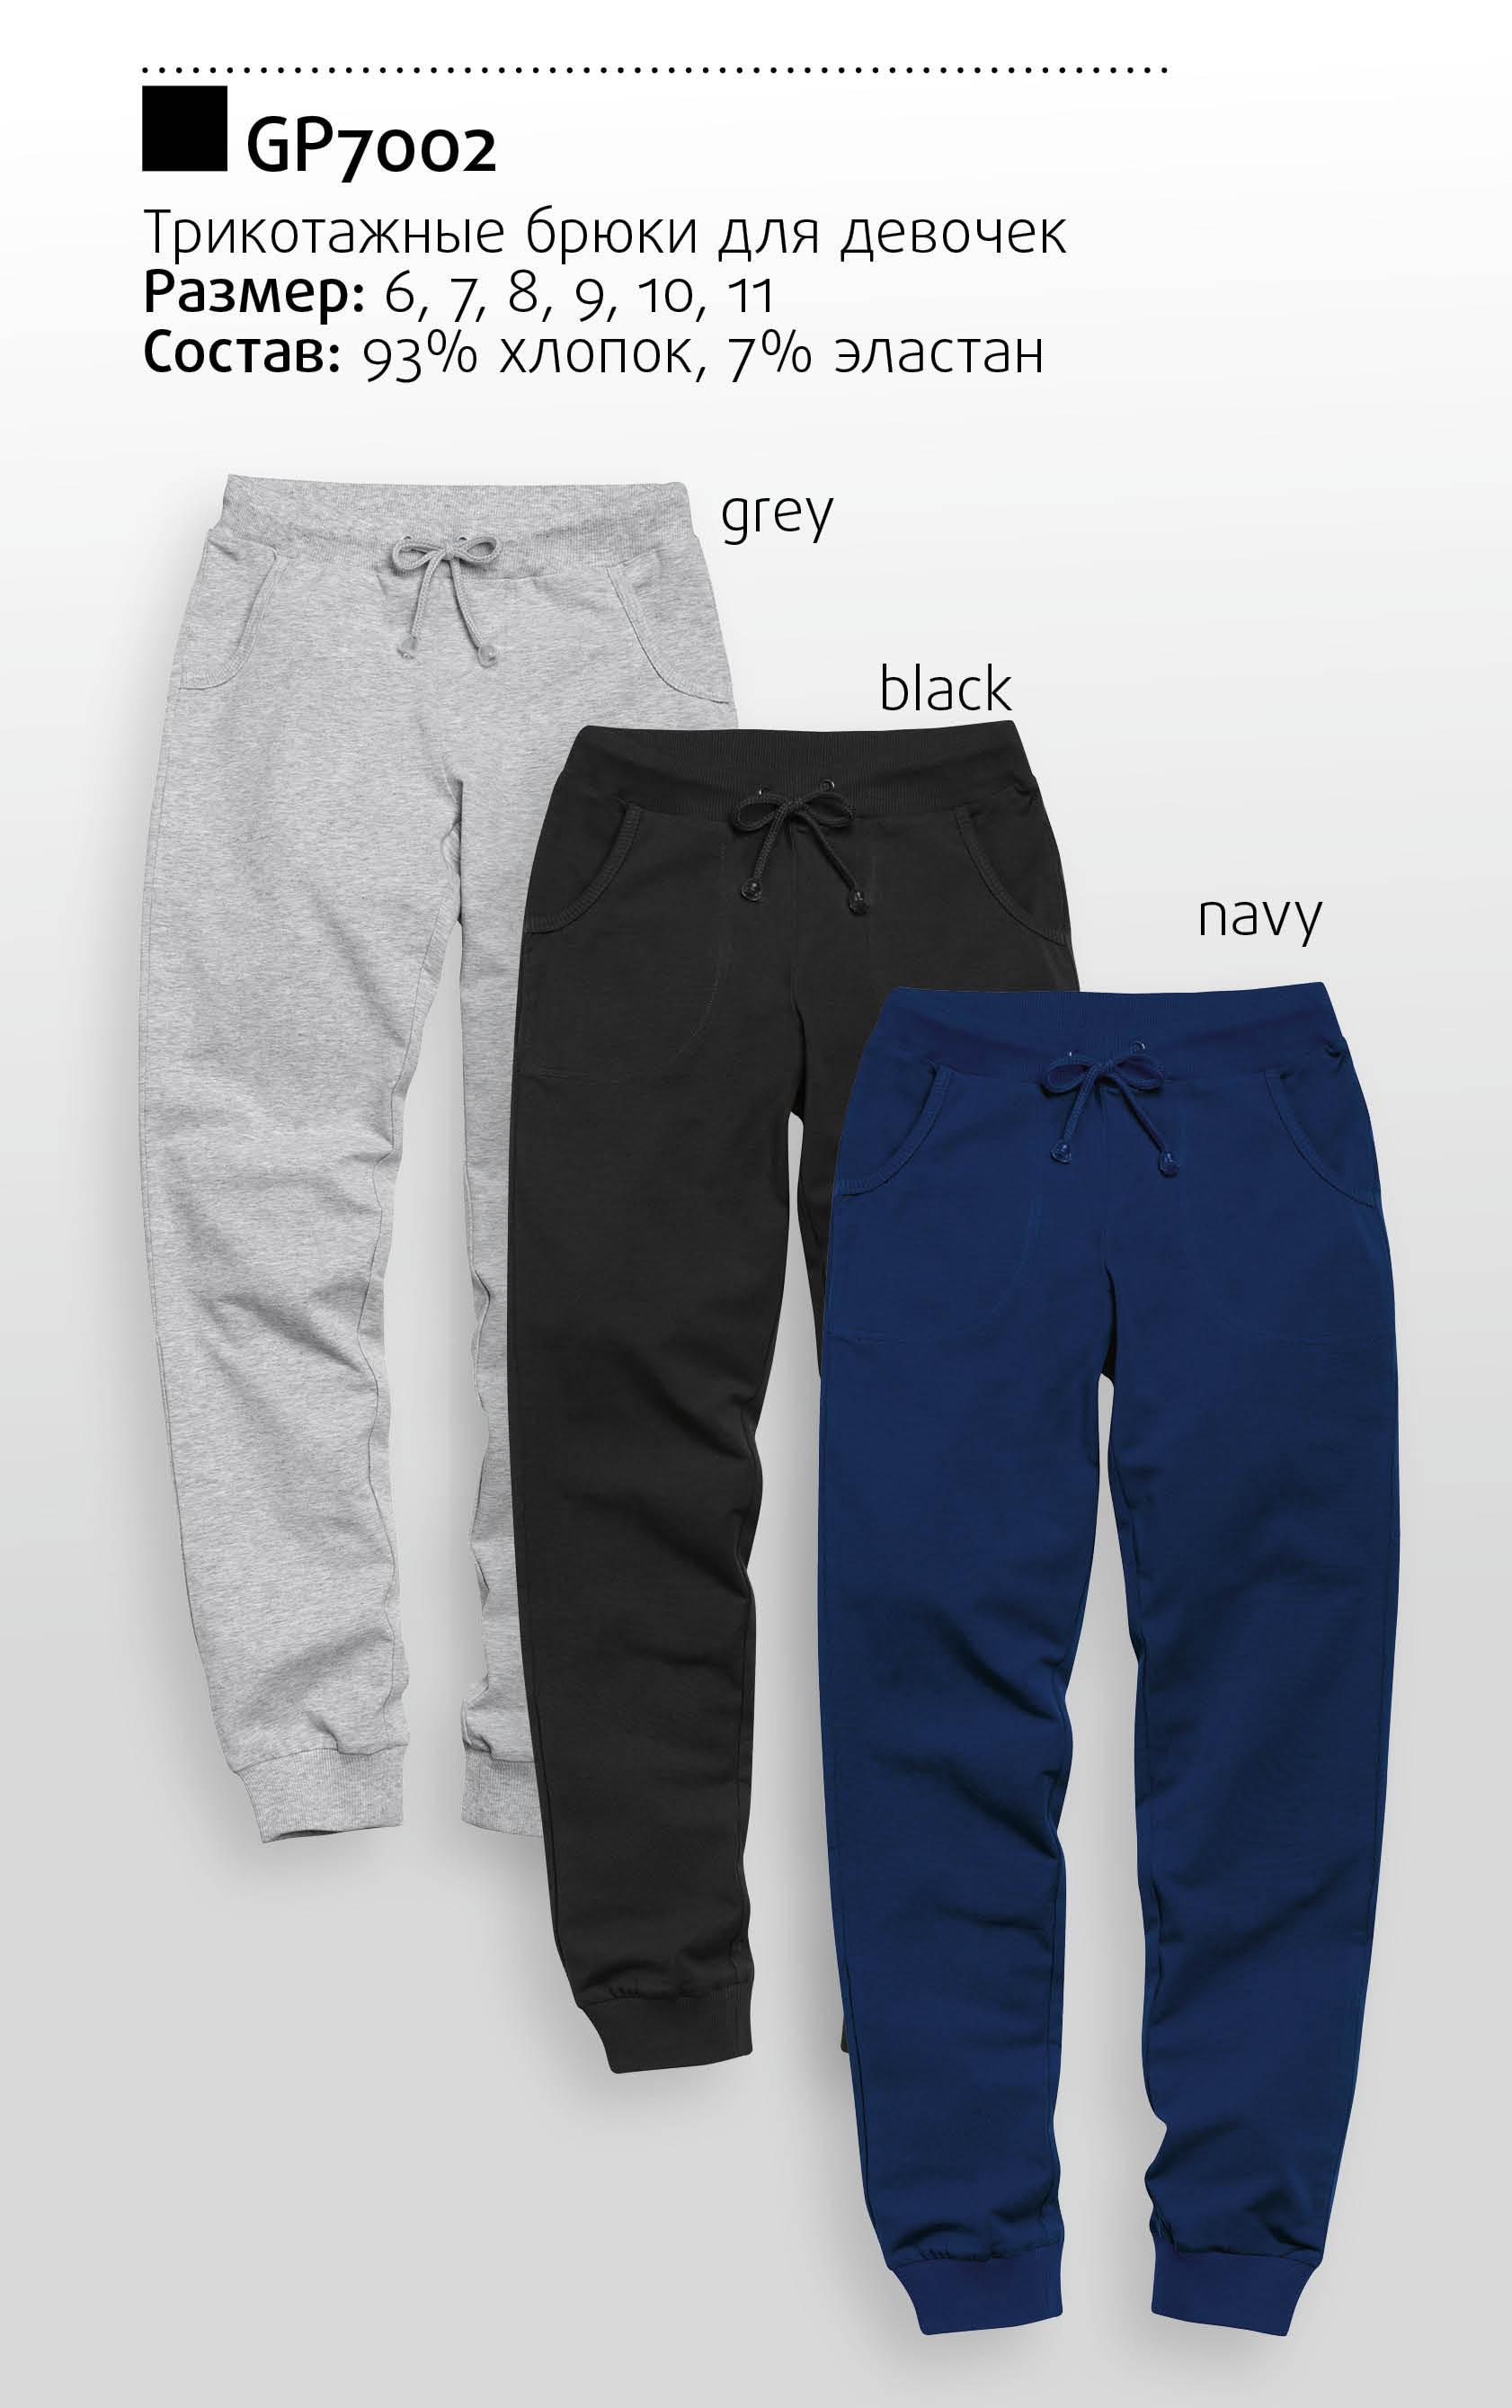 GP7002 брюки для девочек (1 шт в кор.)